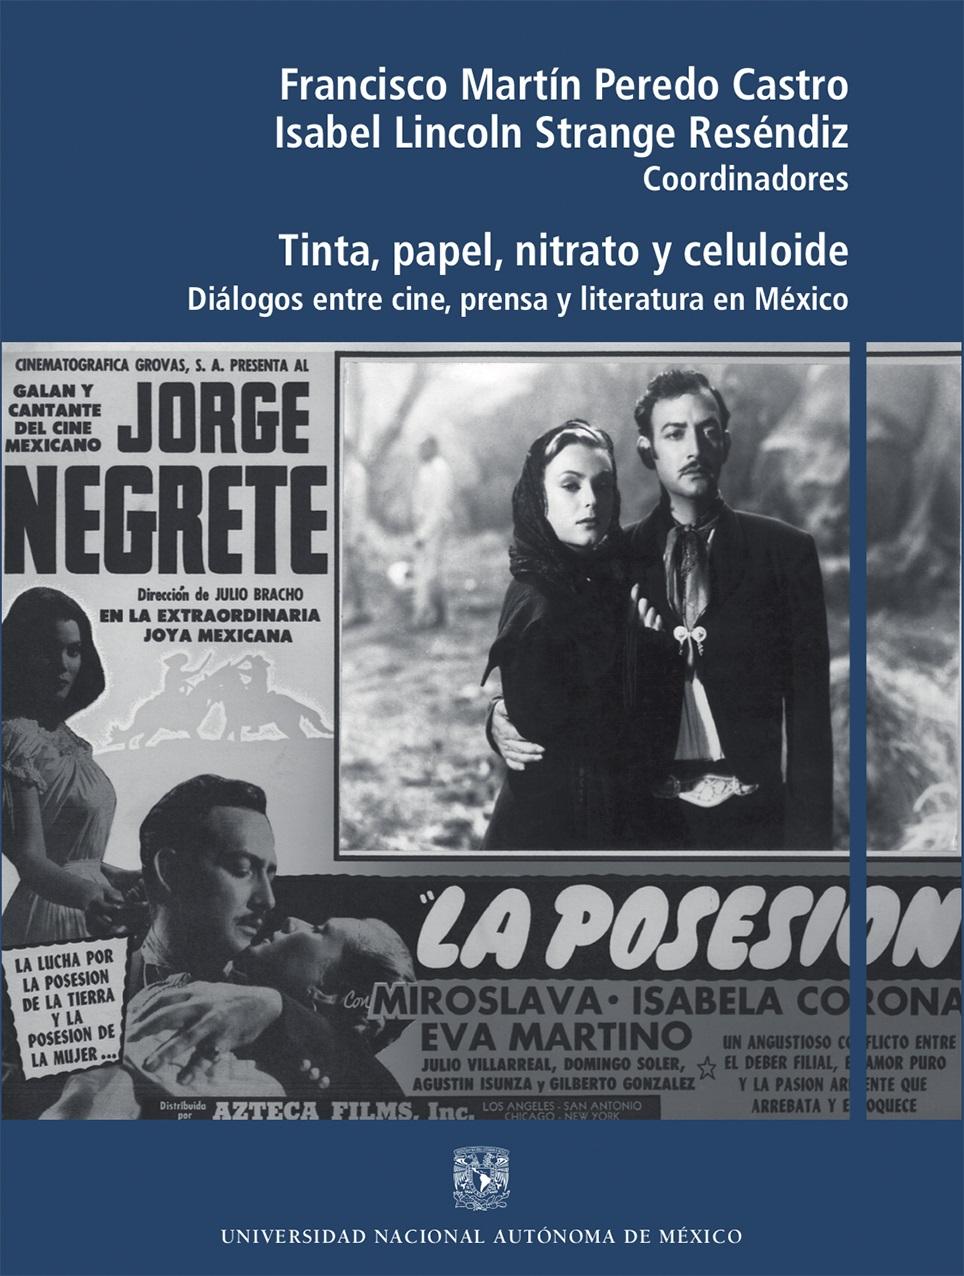 Tinta, papel, nitrato y celuloide. Diálogos entre cine, prensa y literatura en México